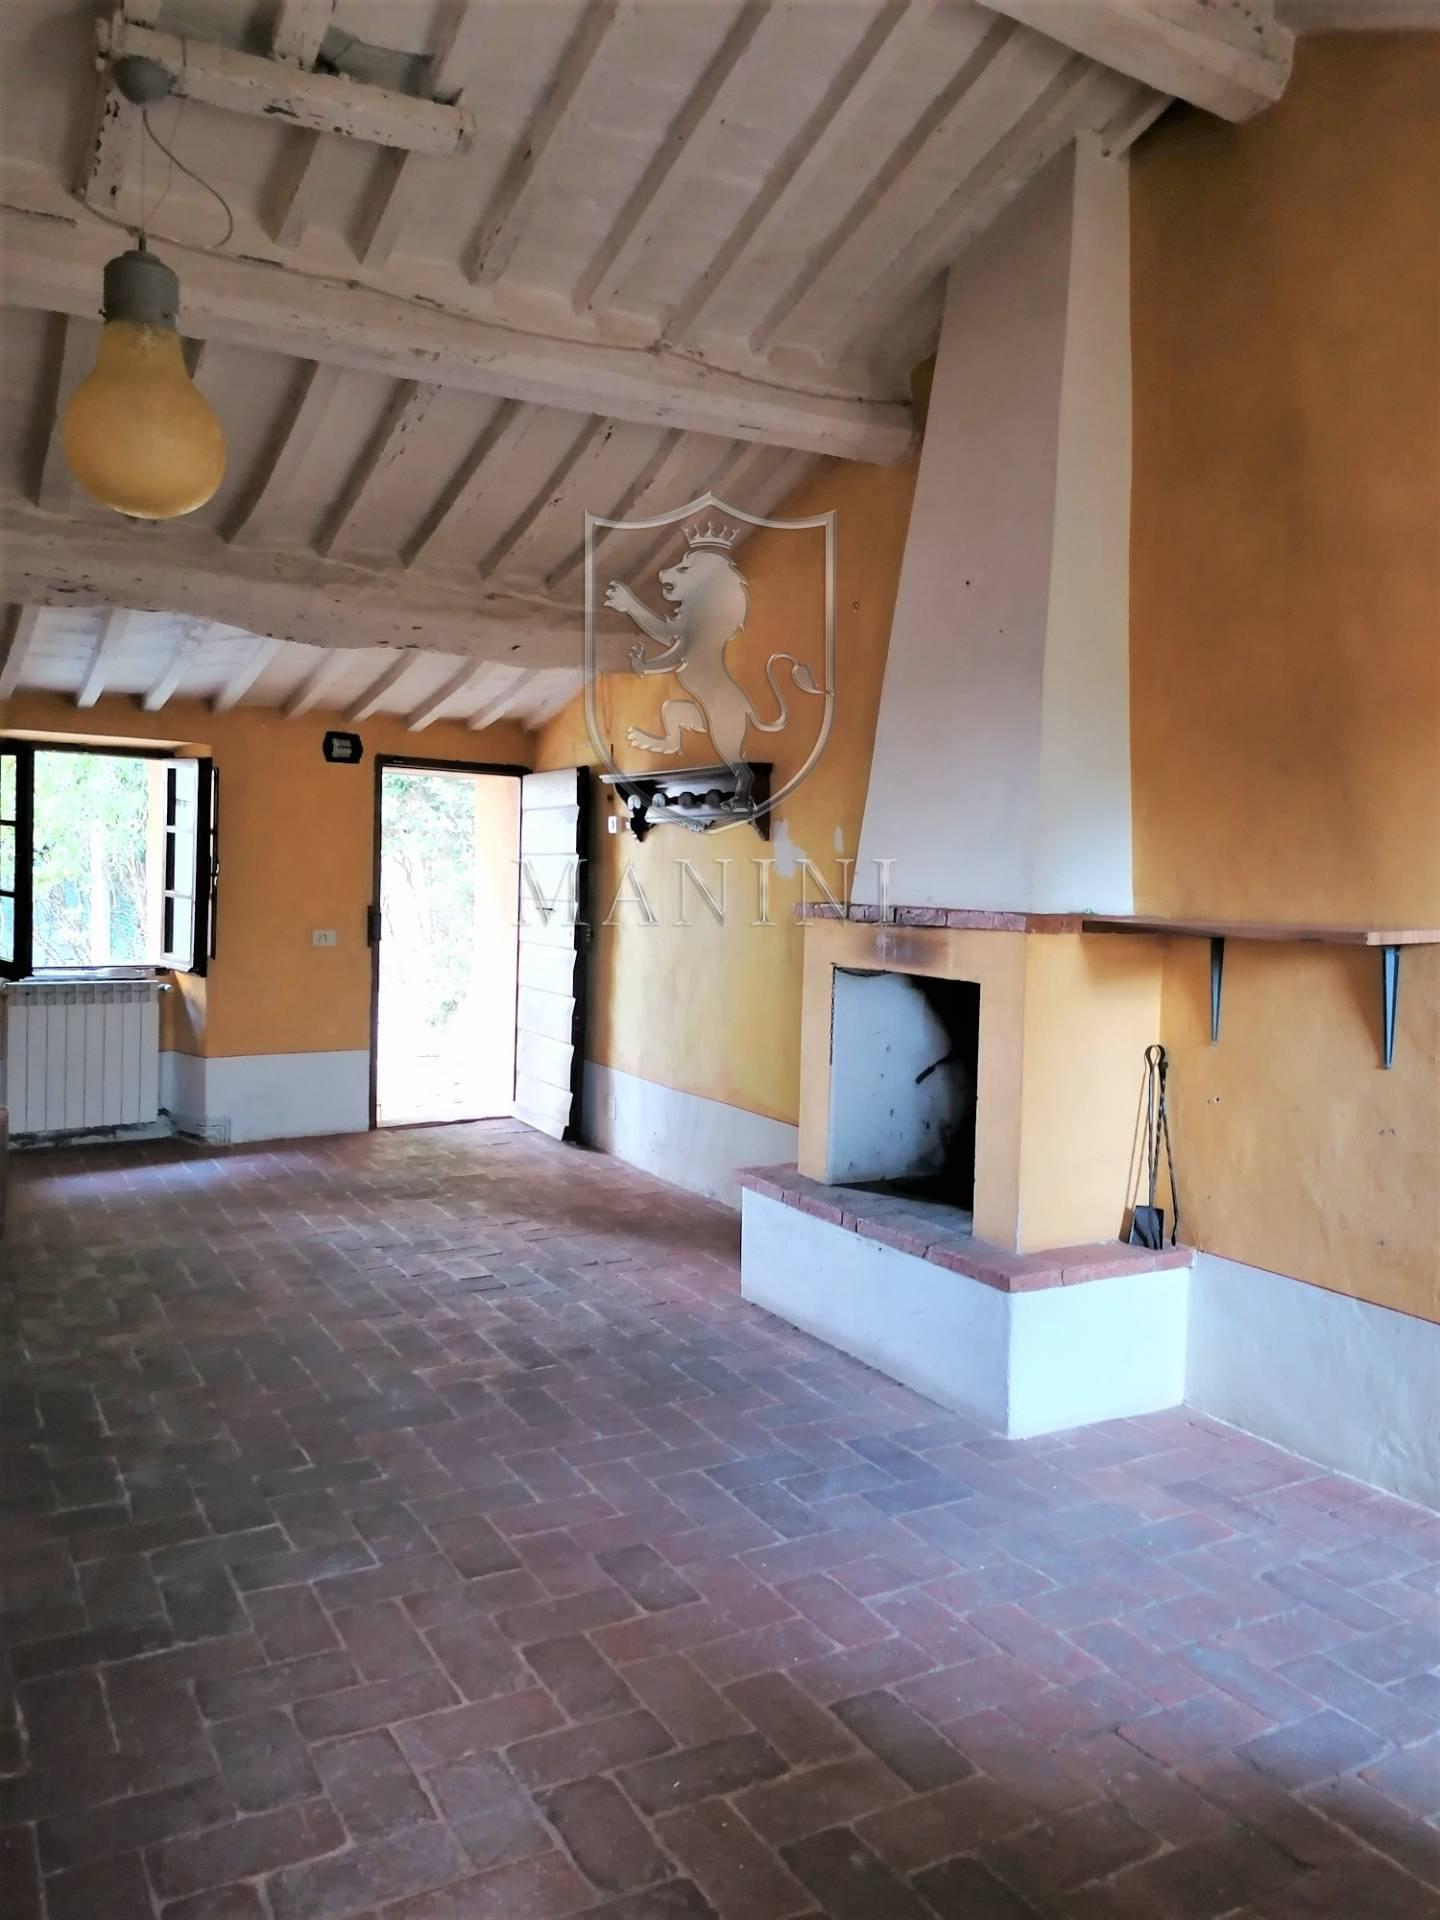 Appartamento in vendita a Cetona, 3 locali, prezzo € 78.000   PortaleAgenzieImmobiliari.it